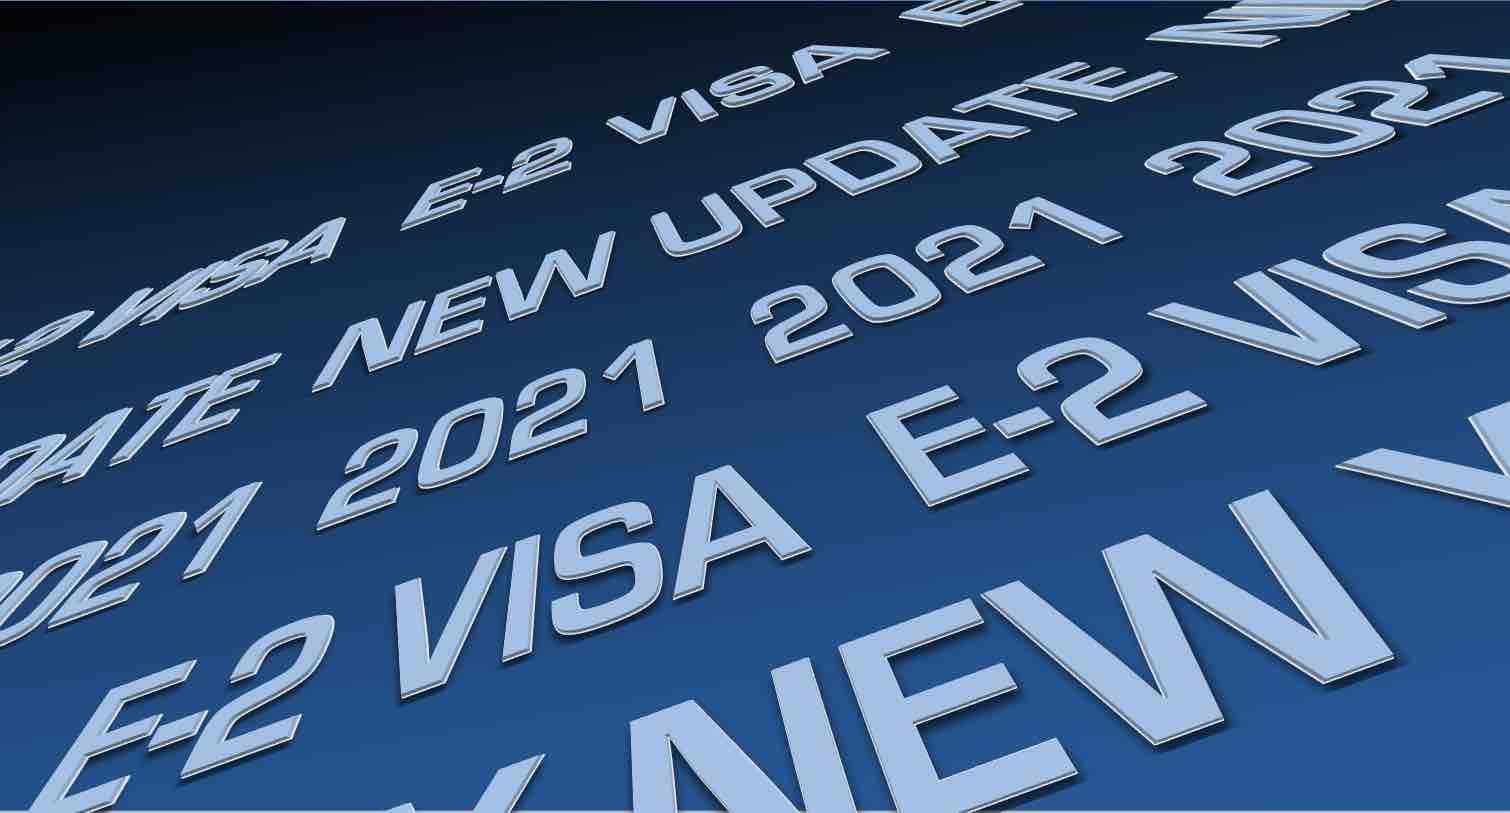 Visa E2 en 2021: asuntos nuevos y emergentes